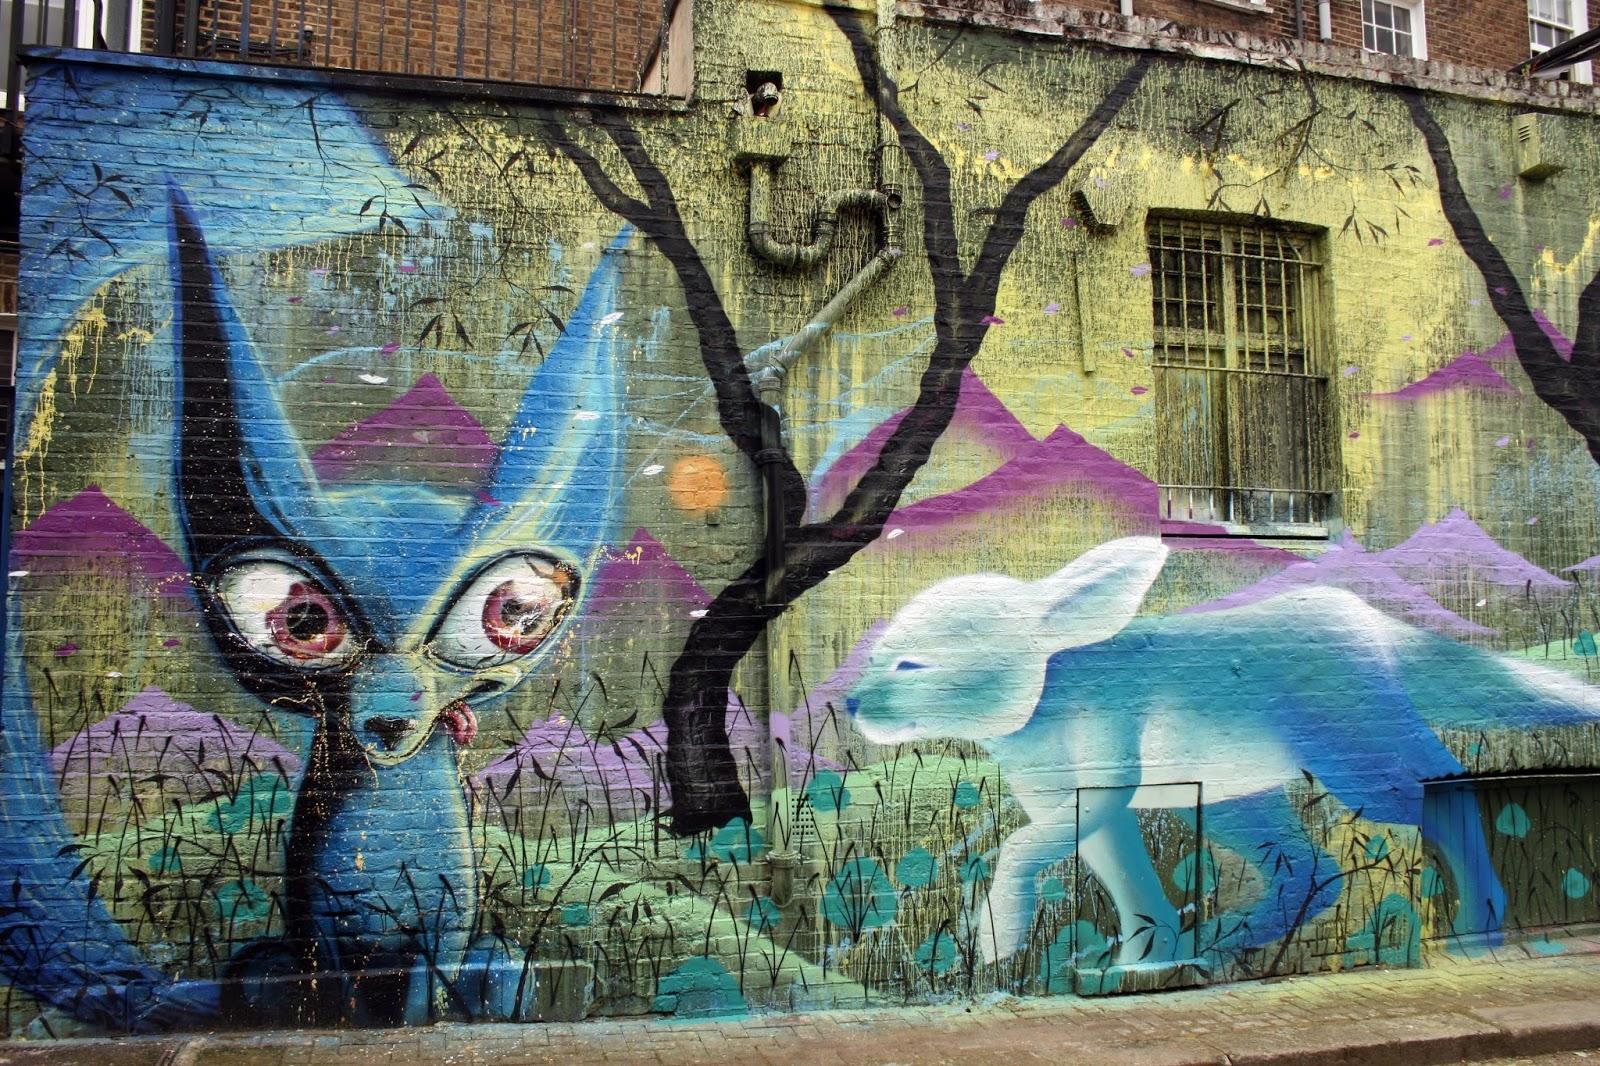 Street Art London: Camden Post 2: : Hawley St: Himbad, Marina Zumi ...